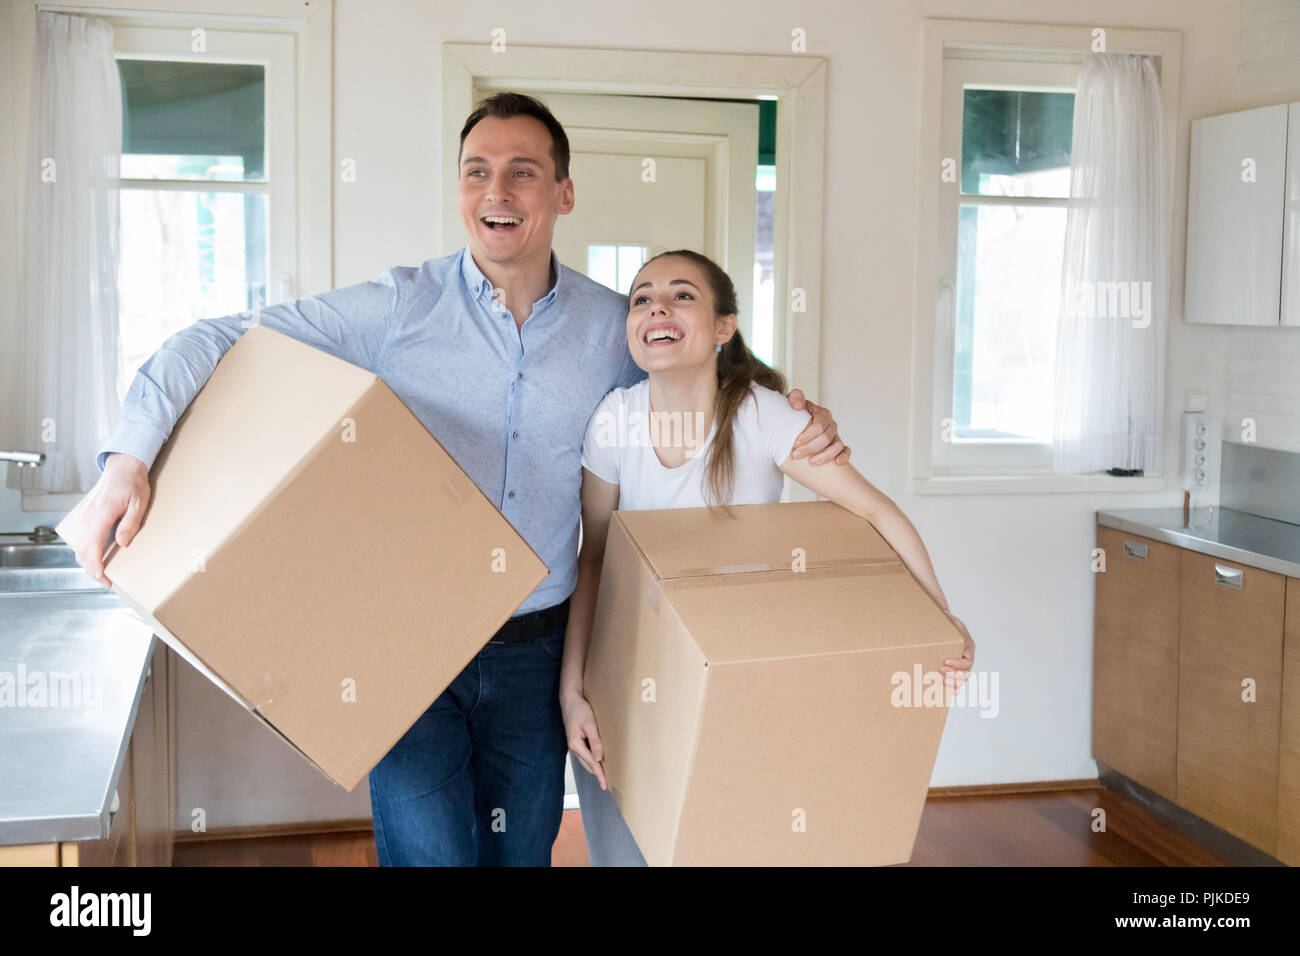 Aufgeregt Paar hält Boxen Einzug in neues Haus Stockbild